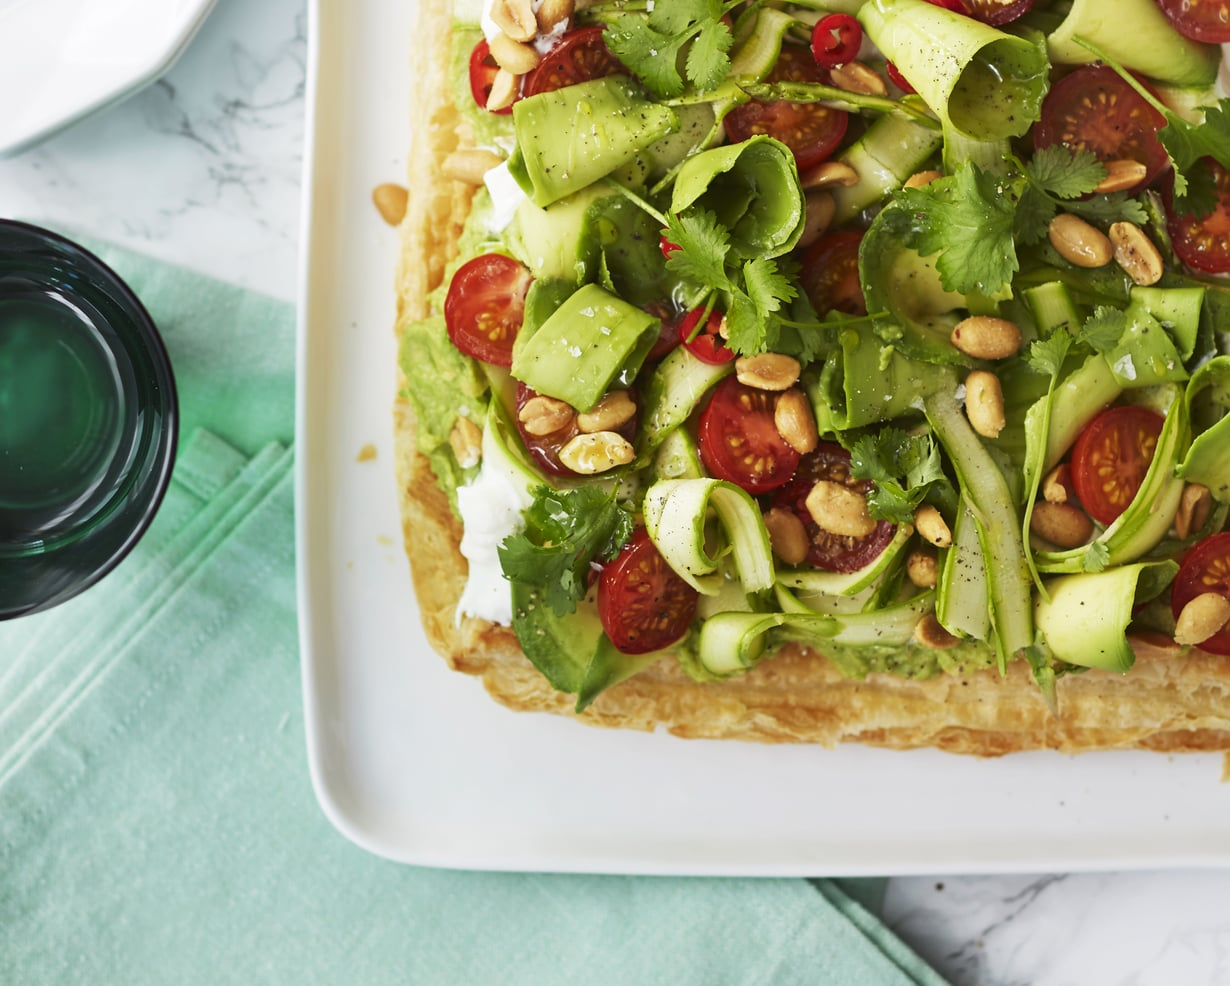 Trendikäs sheivattu avokado kruunaa tämän parsa-salaattipiirakan. Kuva: Sanoma-arkisto / Panu Pälviä